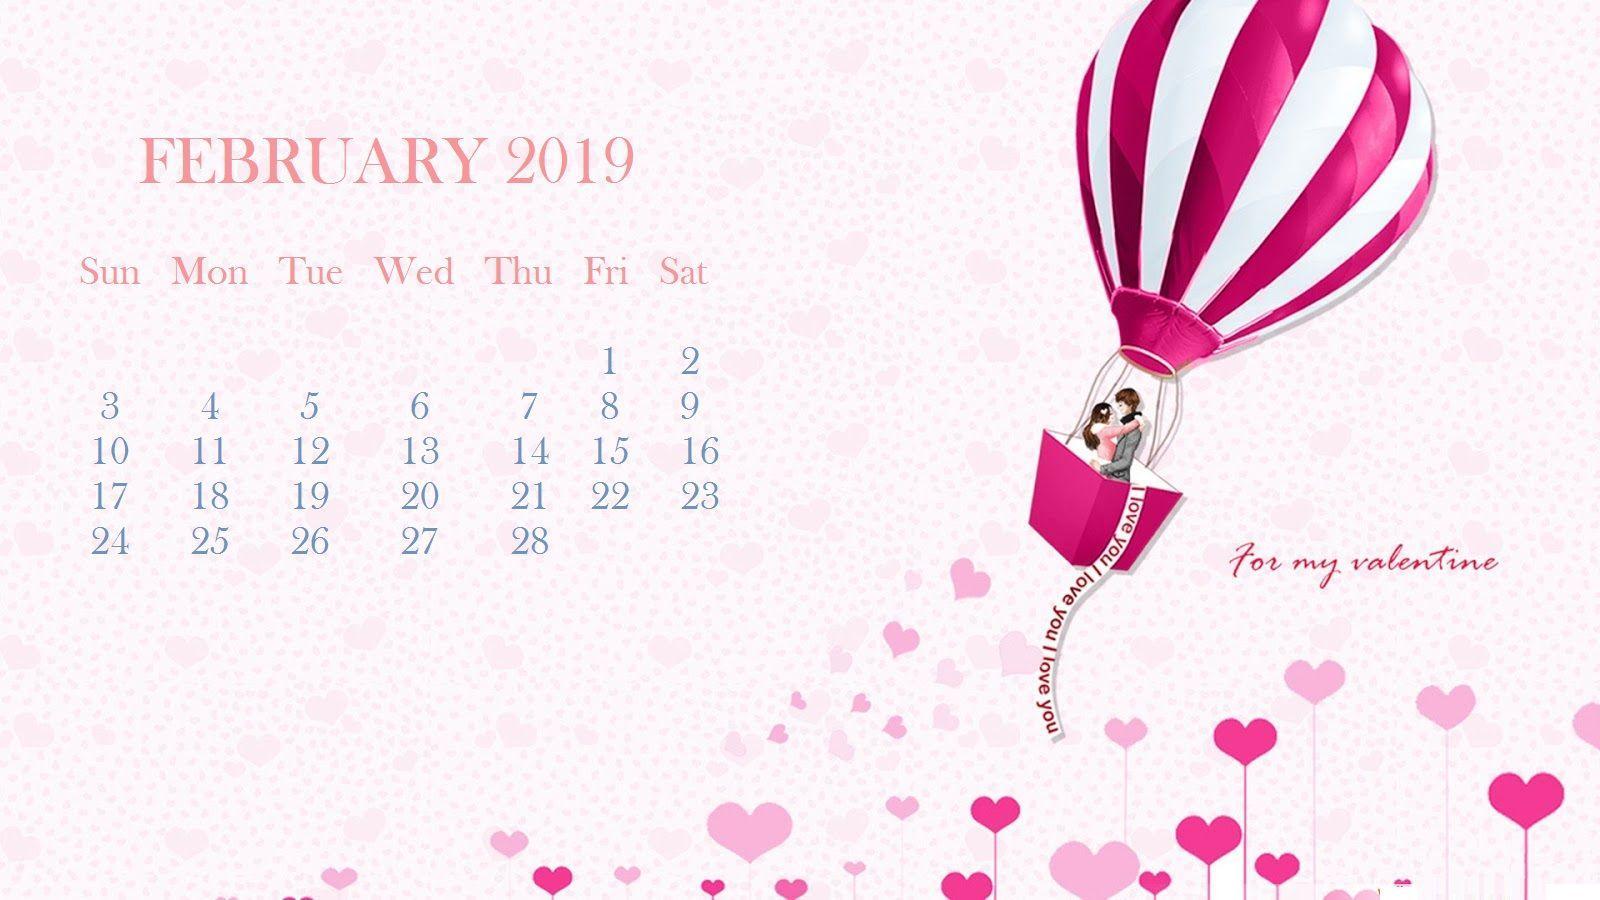 2019 February Calendar Buzz Wallpaper Calendars Calendar 2019 Wallpapers   Wallpaper Cave